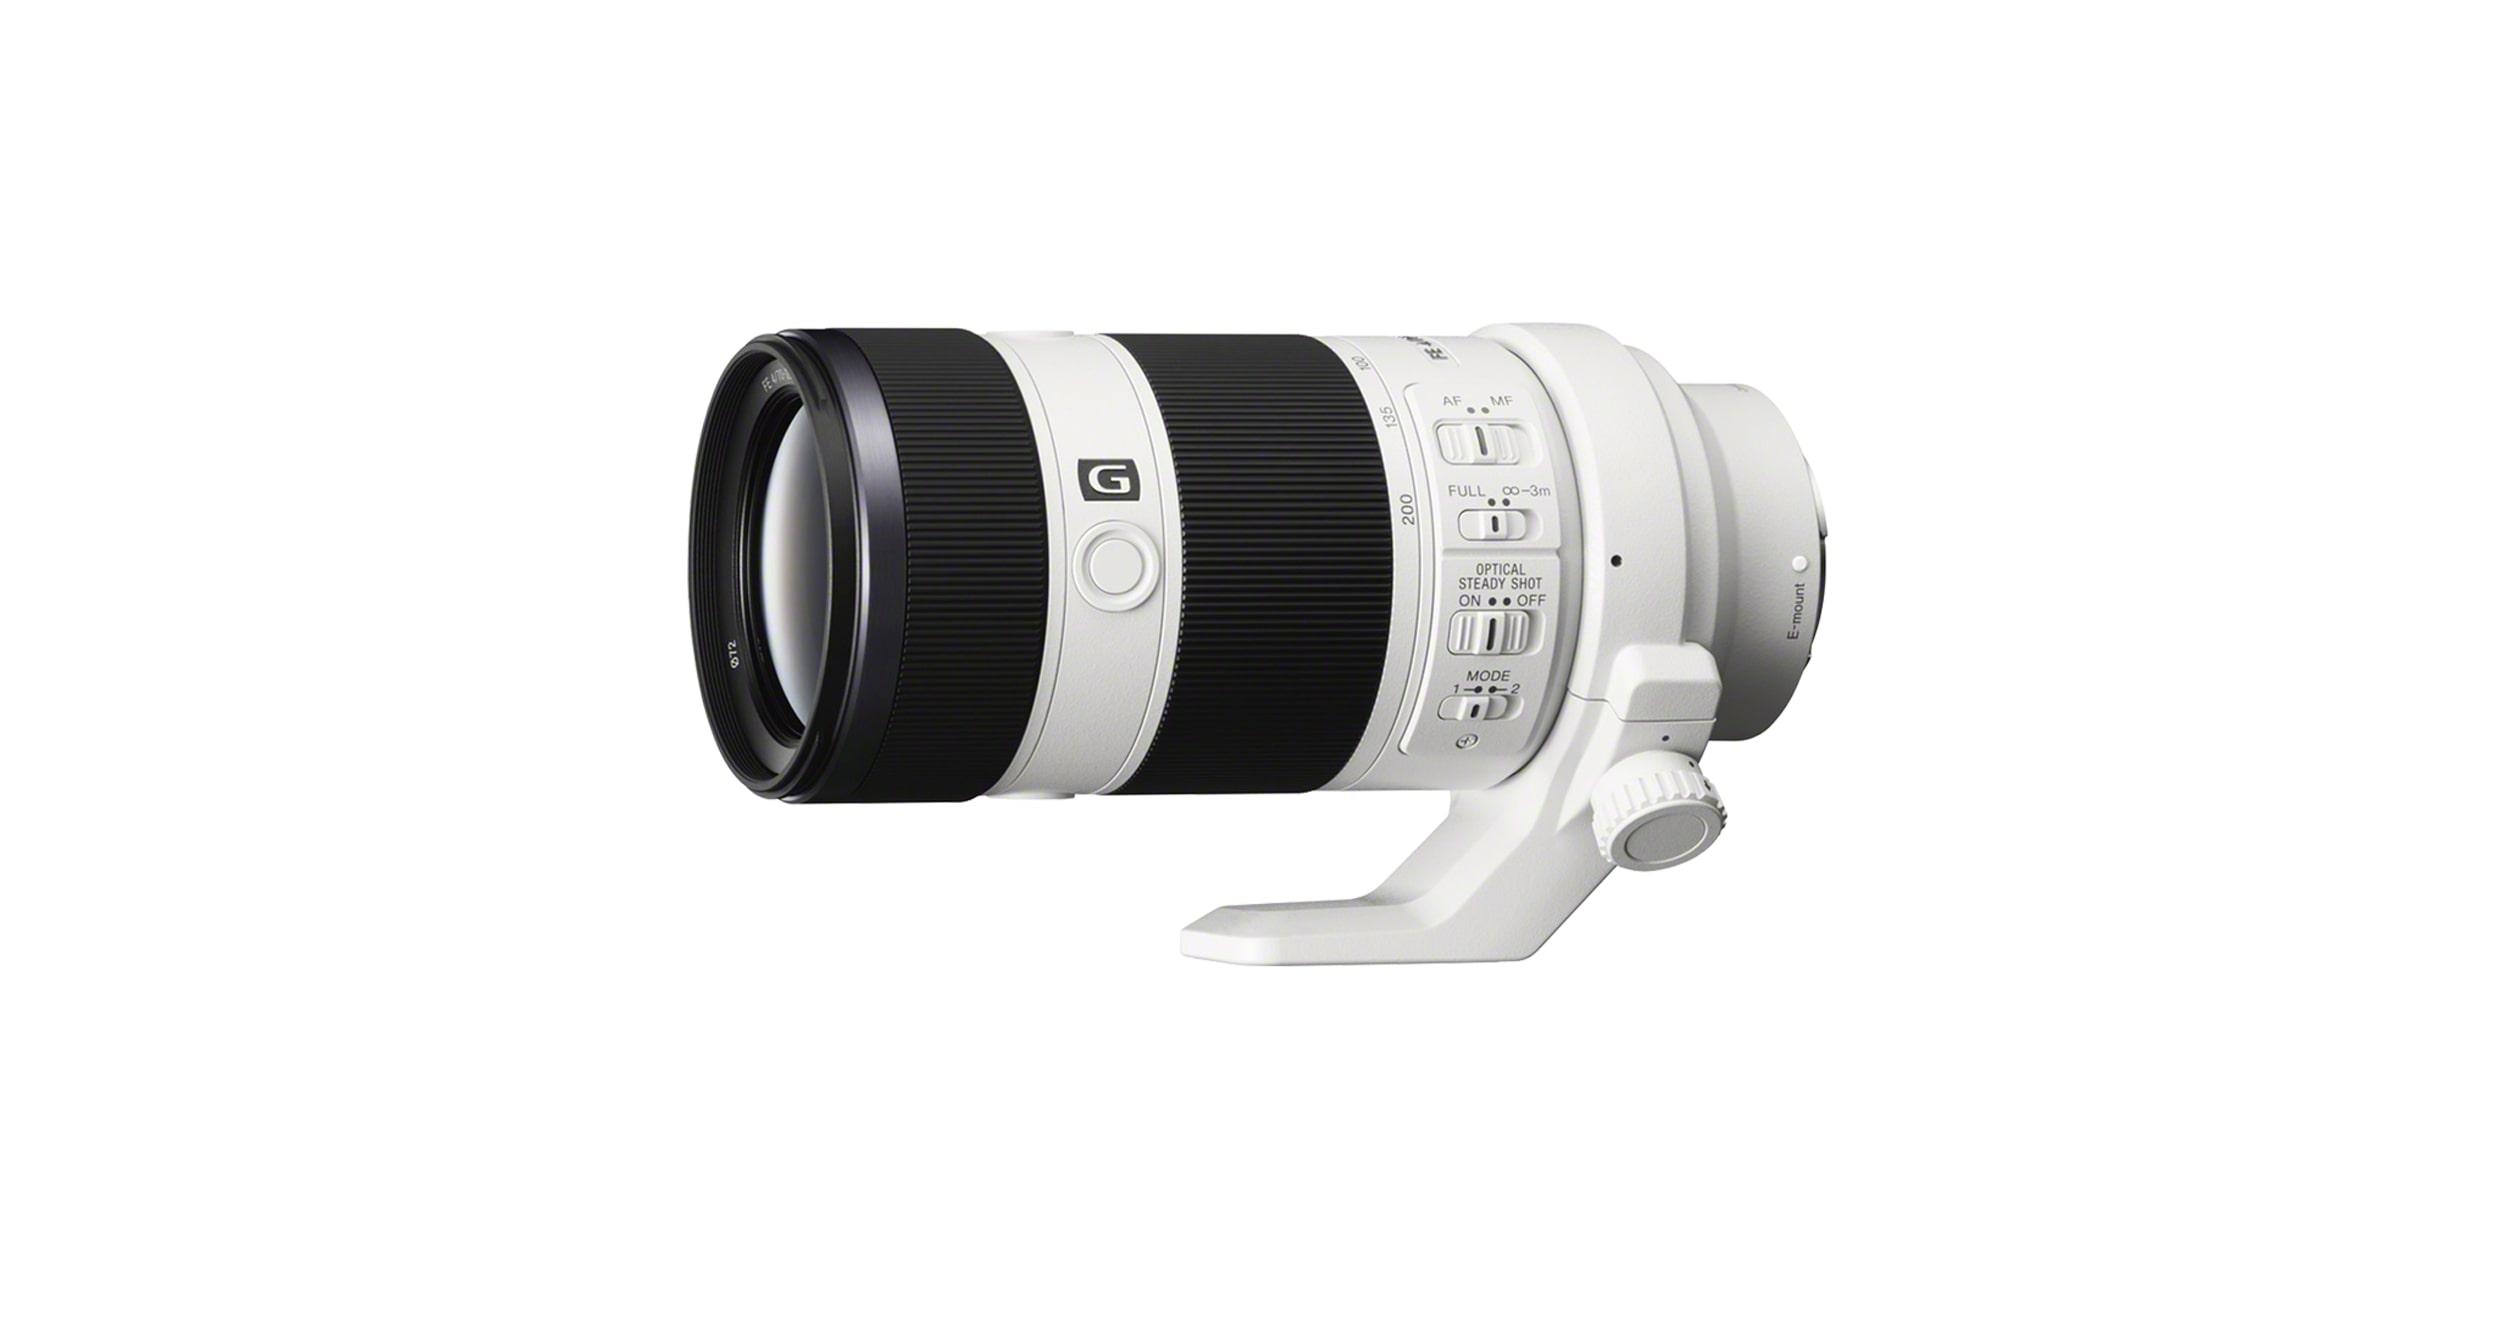 SEL70200G | α Objektive | | Sony DE